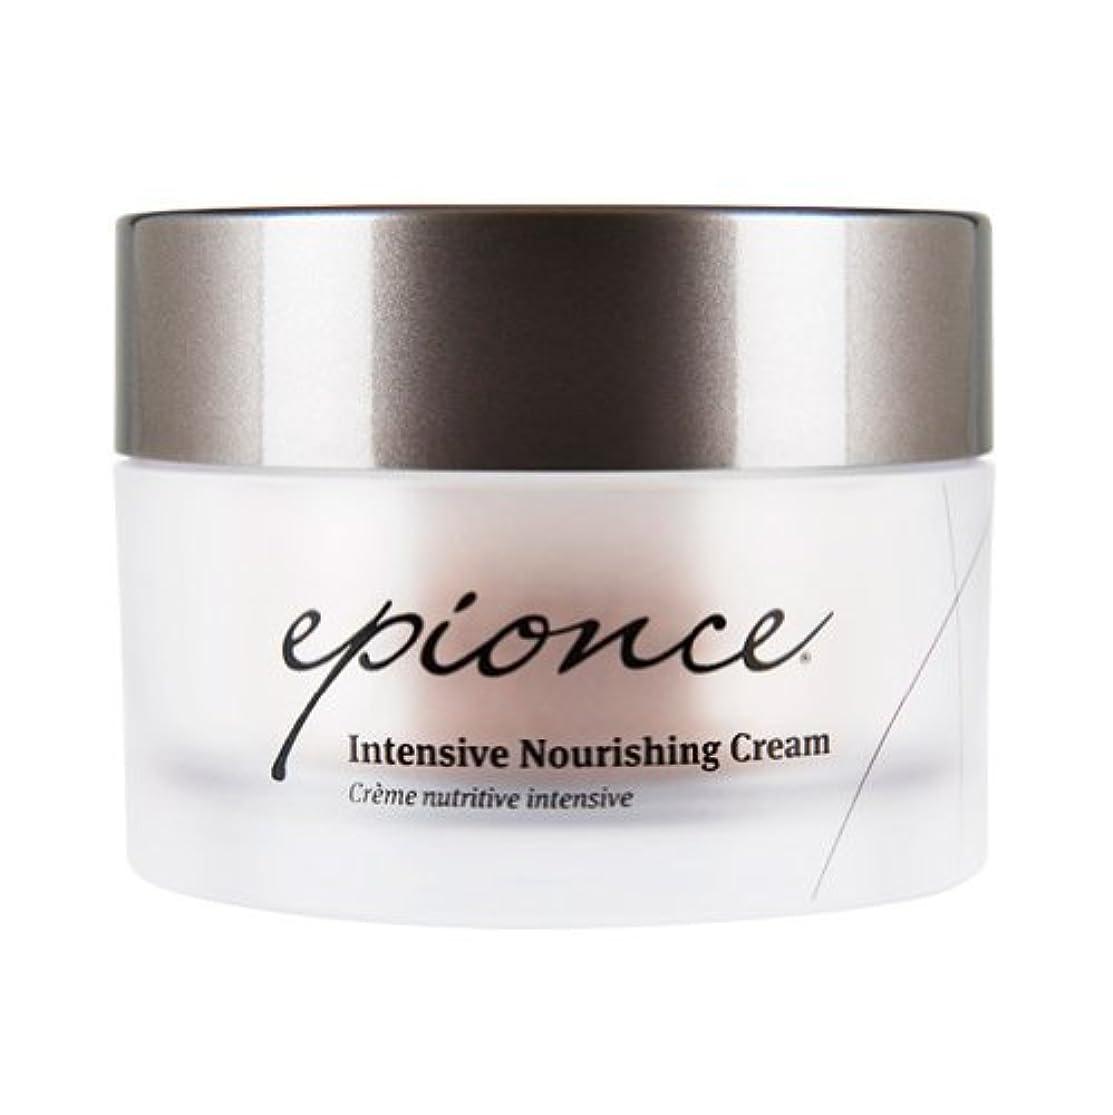 パンチ聡明してはいけませんEpionce Intensive Nourishing Cream - For Extremely Dry/Photoaged Skin 50g/1.7oz並行輸入品